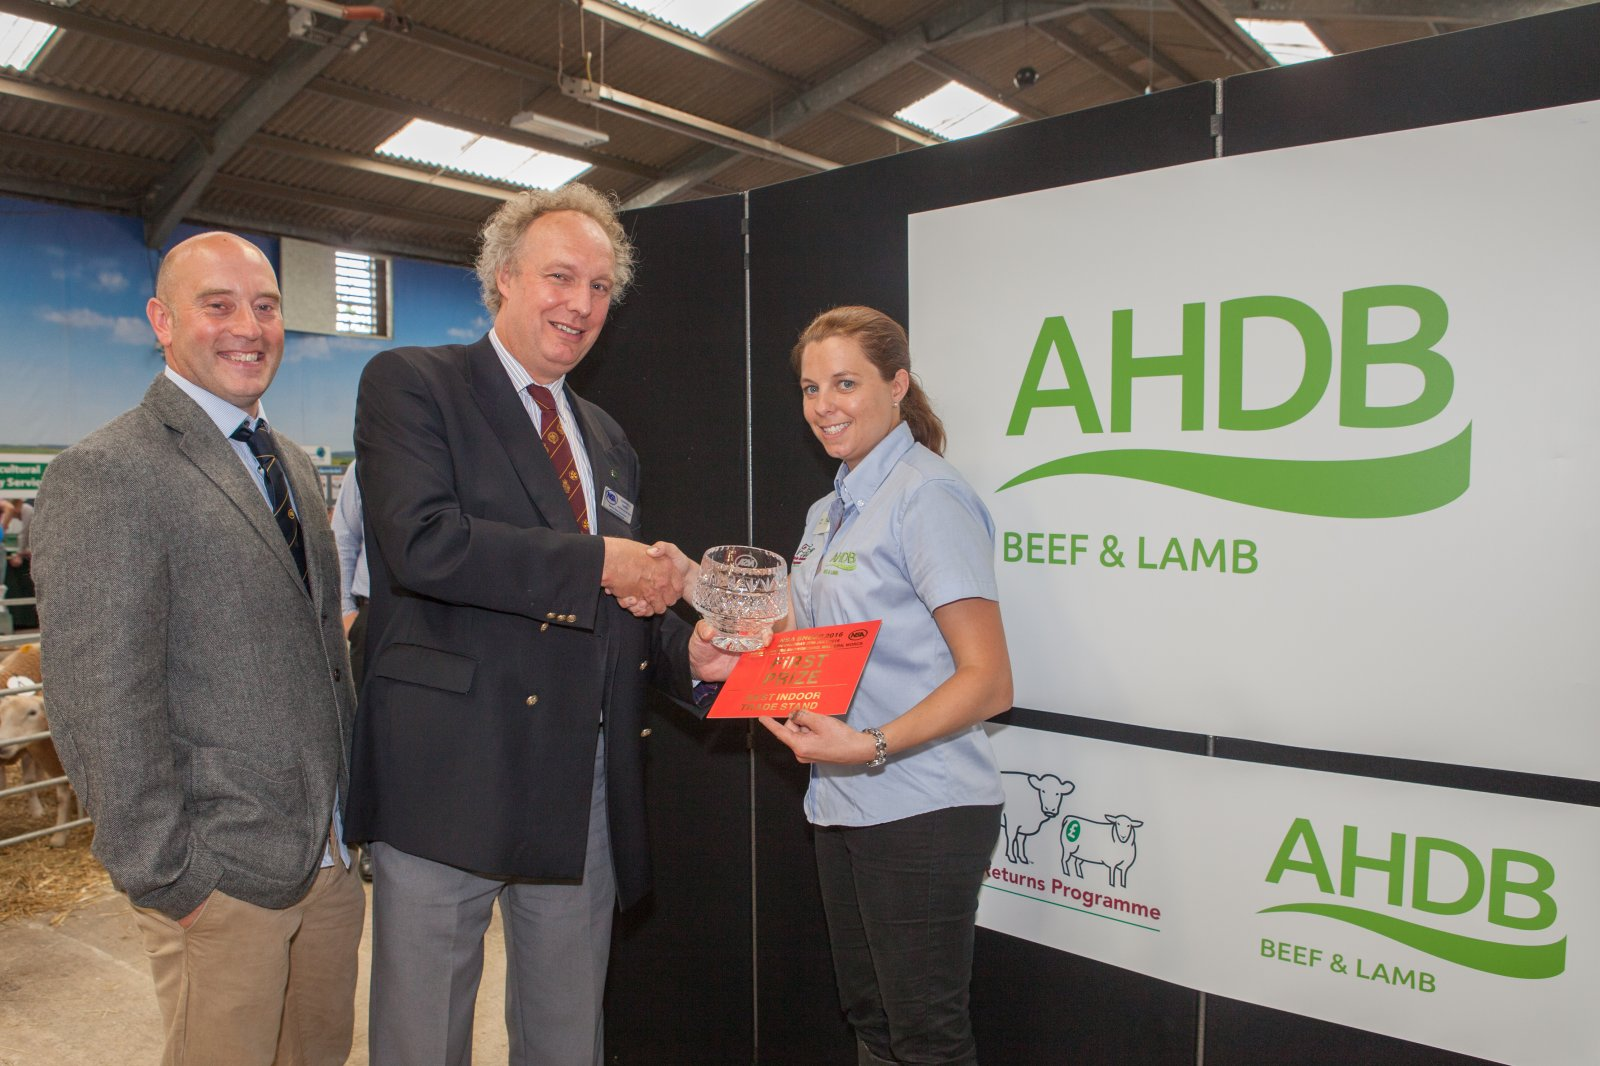 Best Indoor Trade Stand: AHDB Beef & Lamb